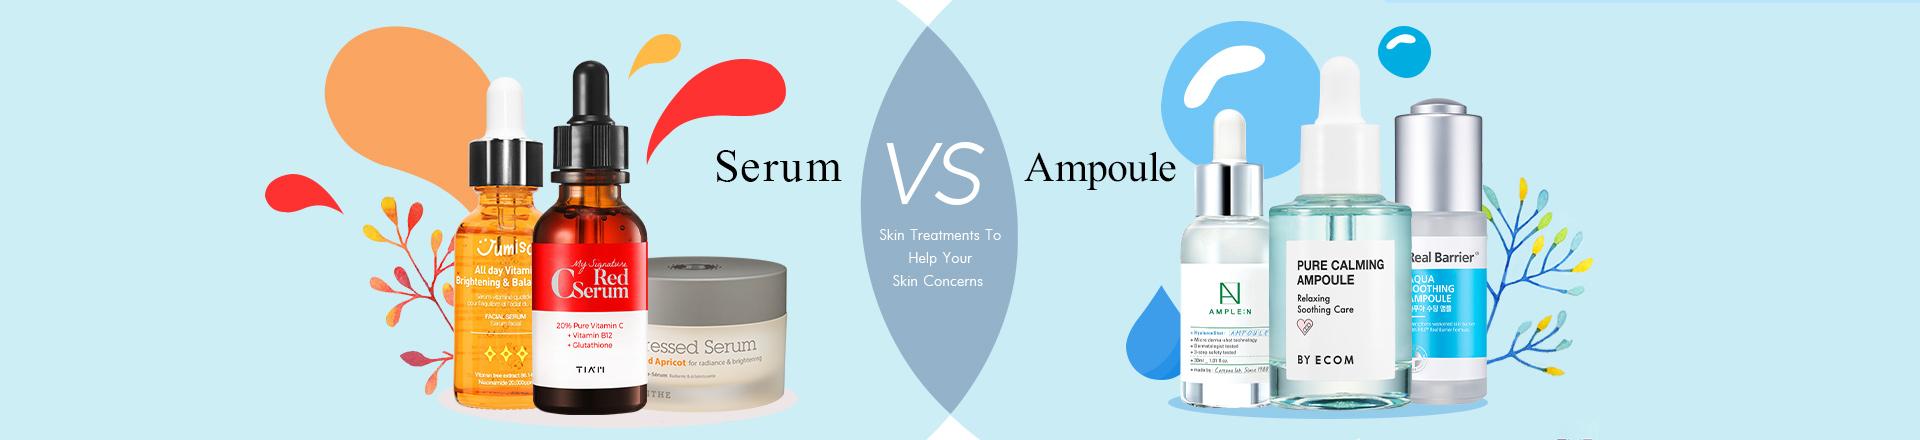 Serum VS Ampoule